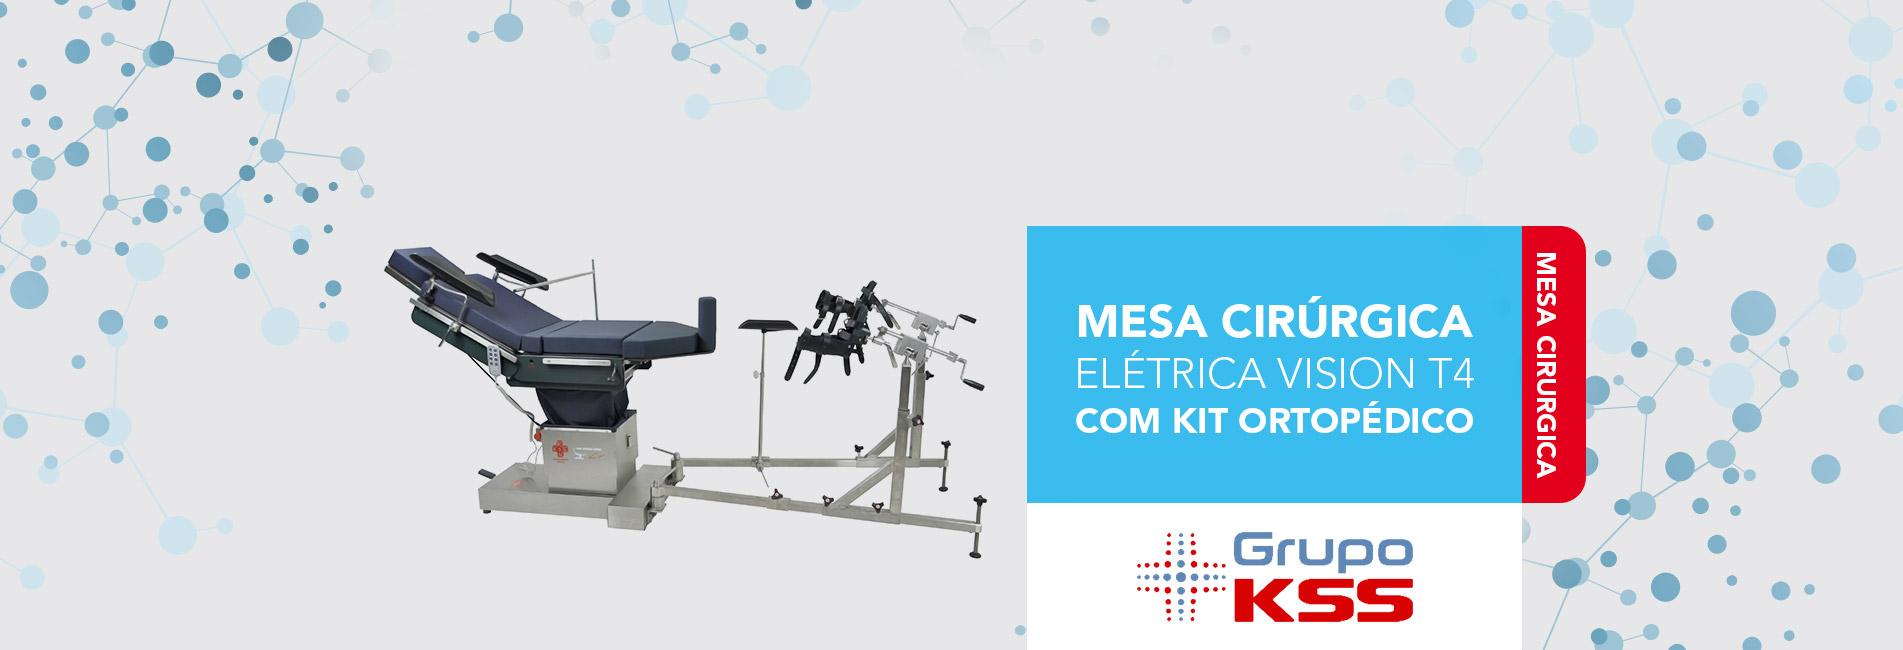 slider_mesa-cirurgica-eletrica-ortopedica